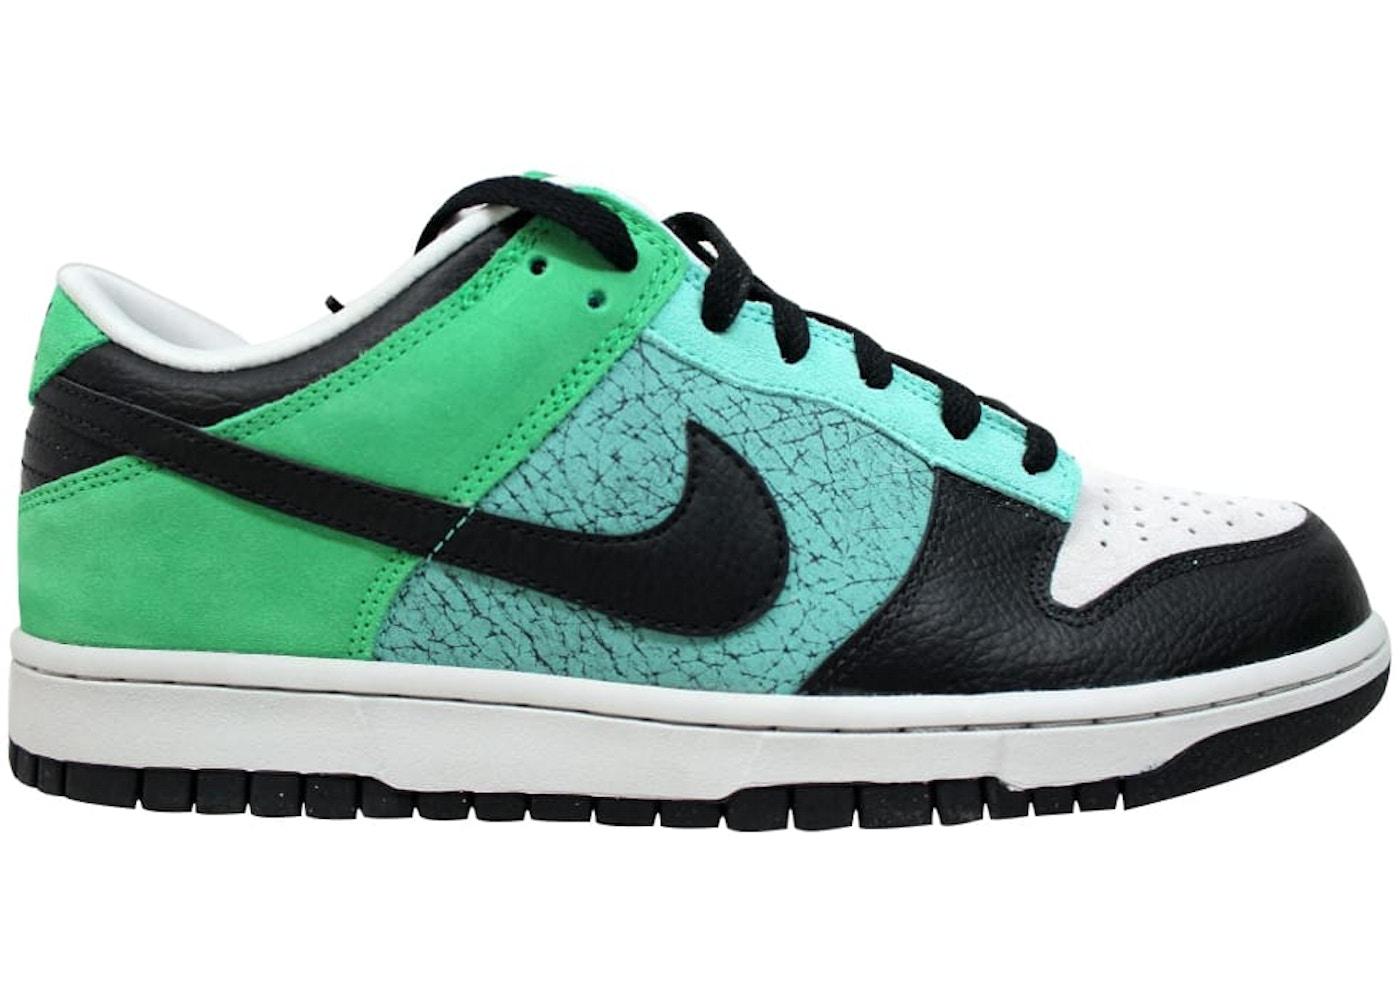 online store 7e914 32b17 Nike Dunk Low 6.0 Mint/Black-Hyper Verde-Jetstream